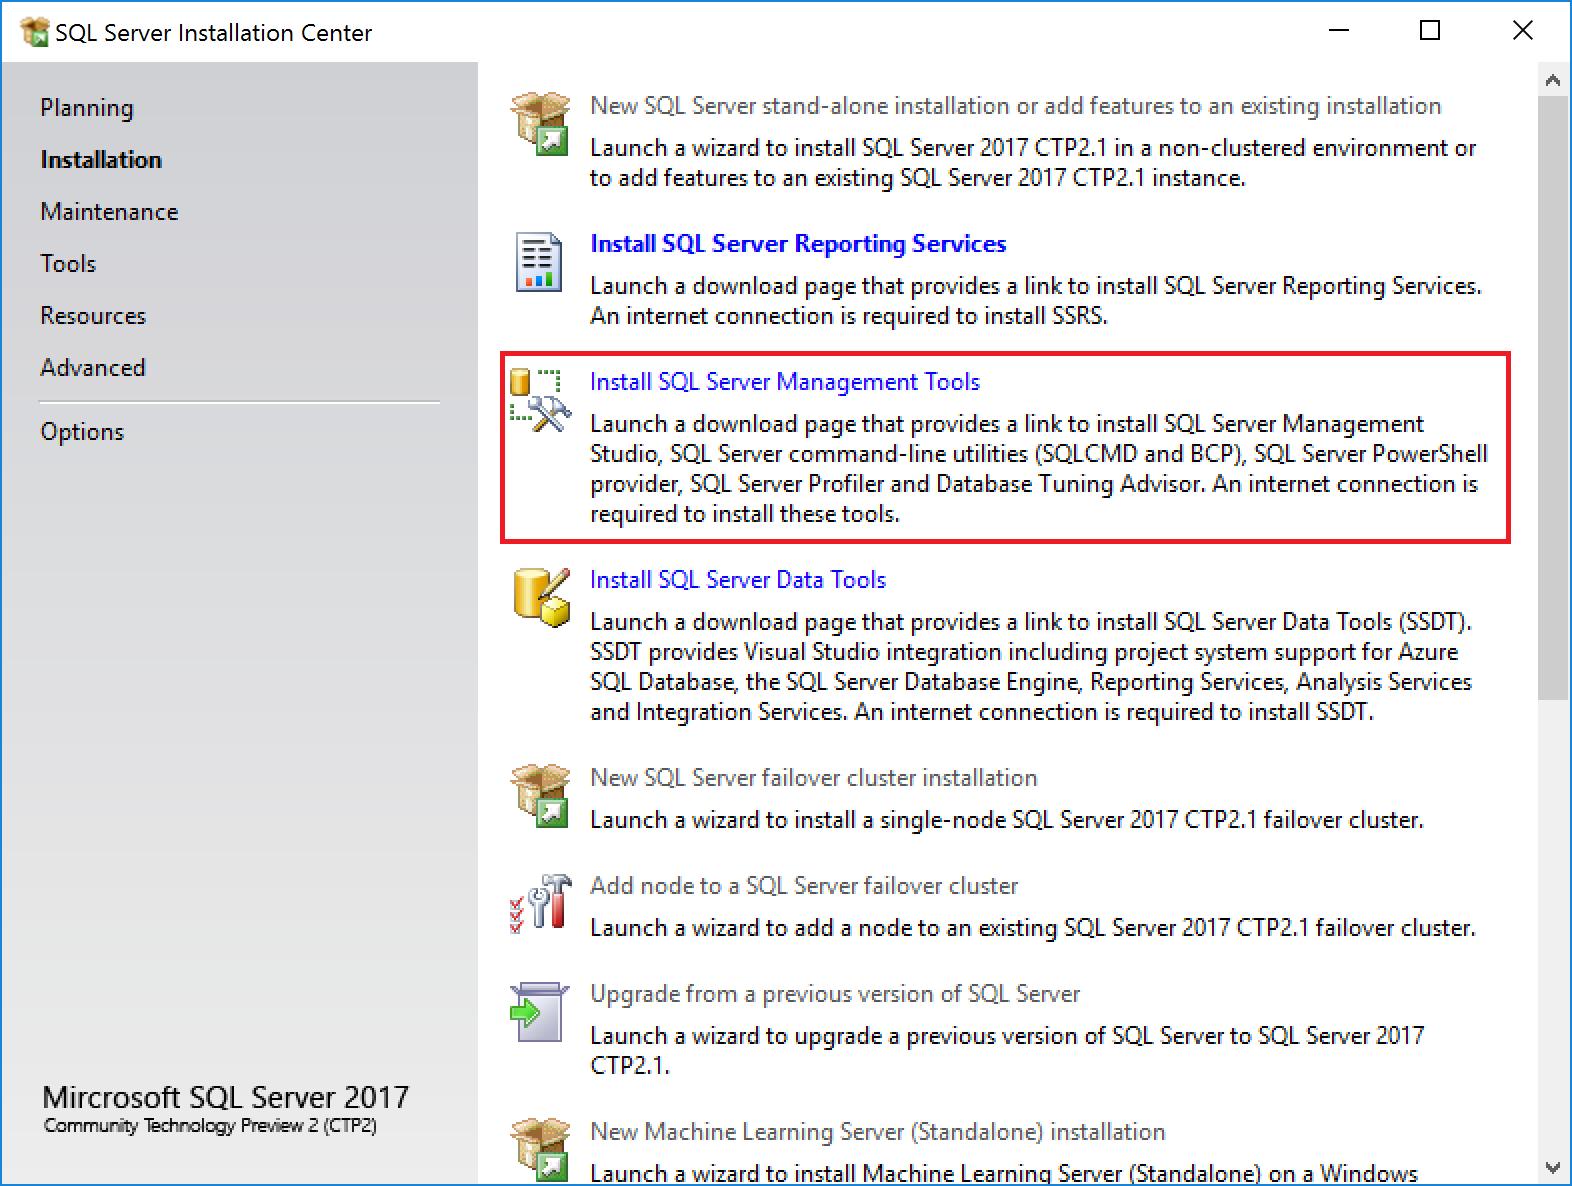 SQL Server client tools setup - SQL Server 2017 Integration